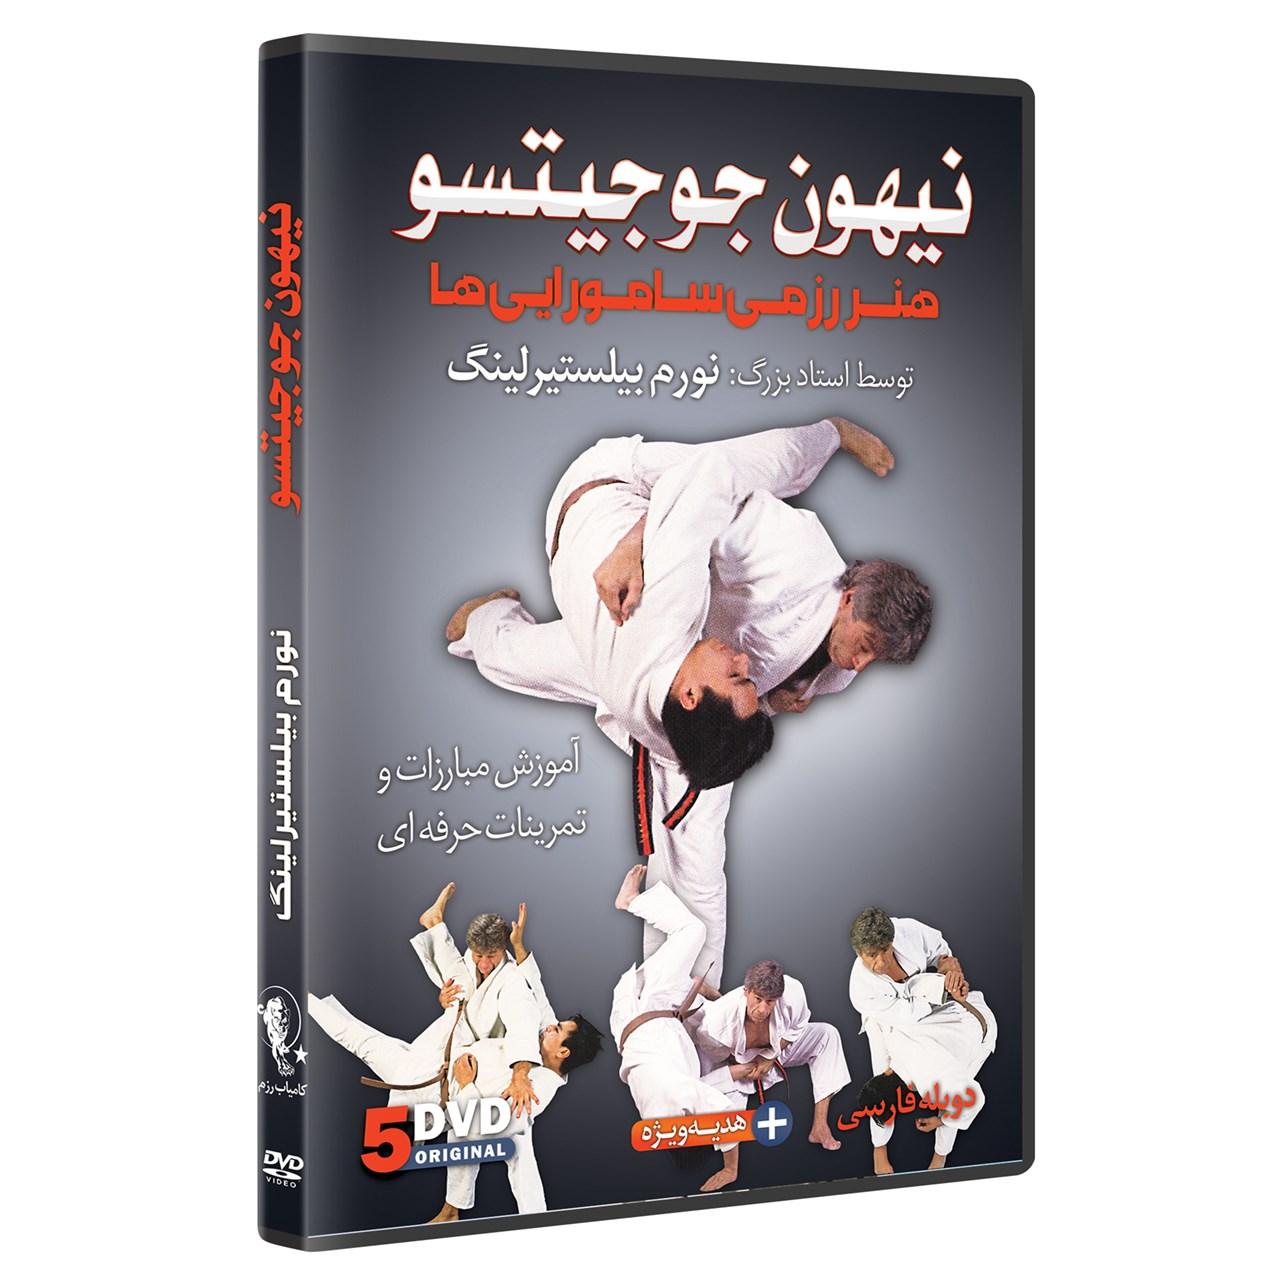 فیلم آموزش  نیهون جوجیتسو  DVD5 نشرکامیاب رزم